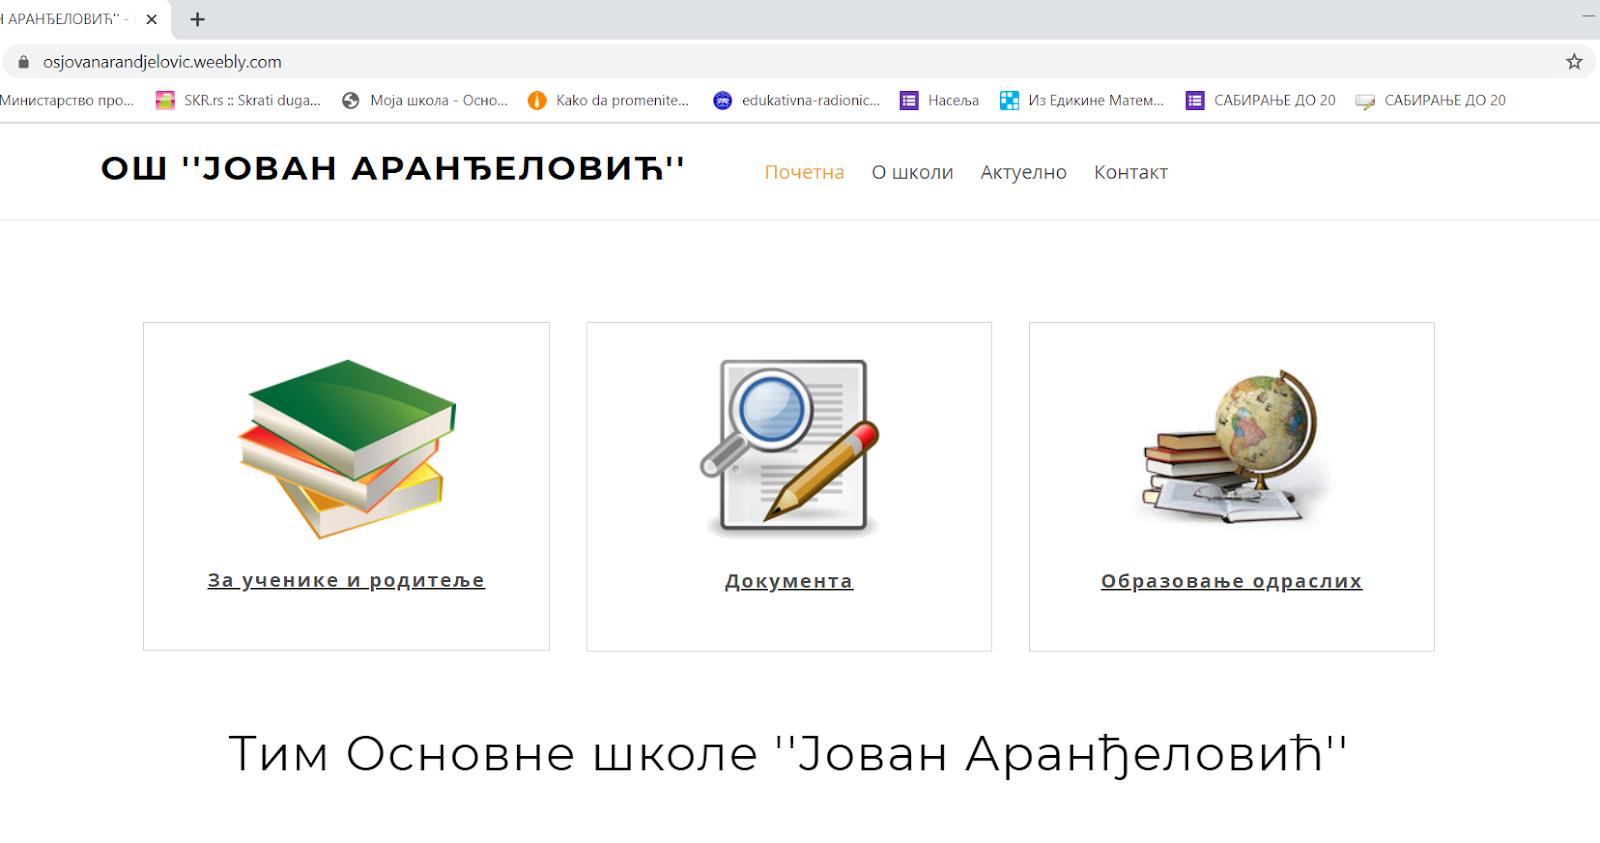 Званични сајт моје школе